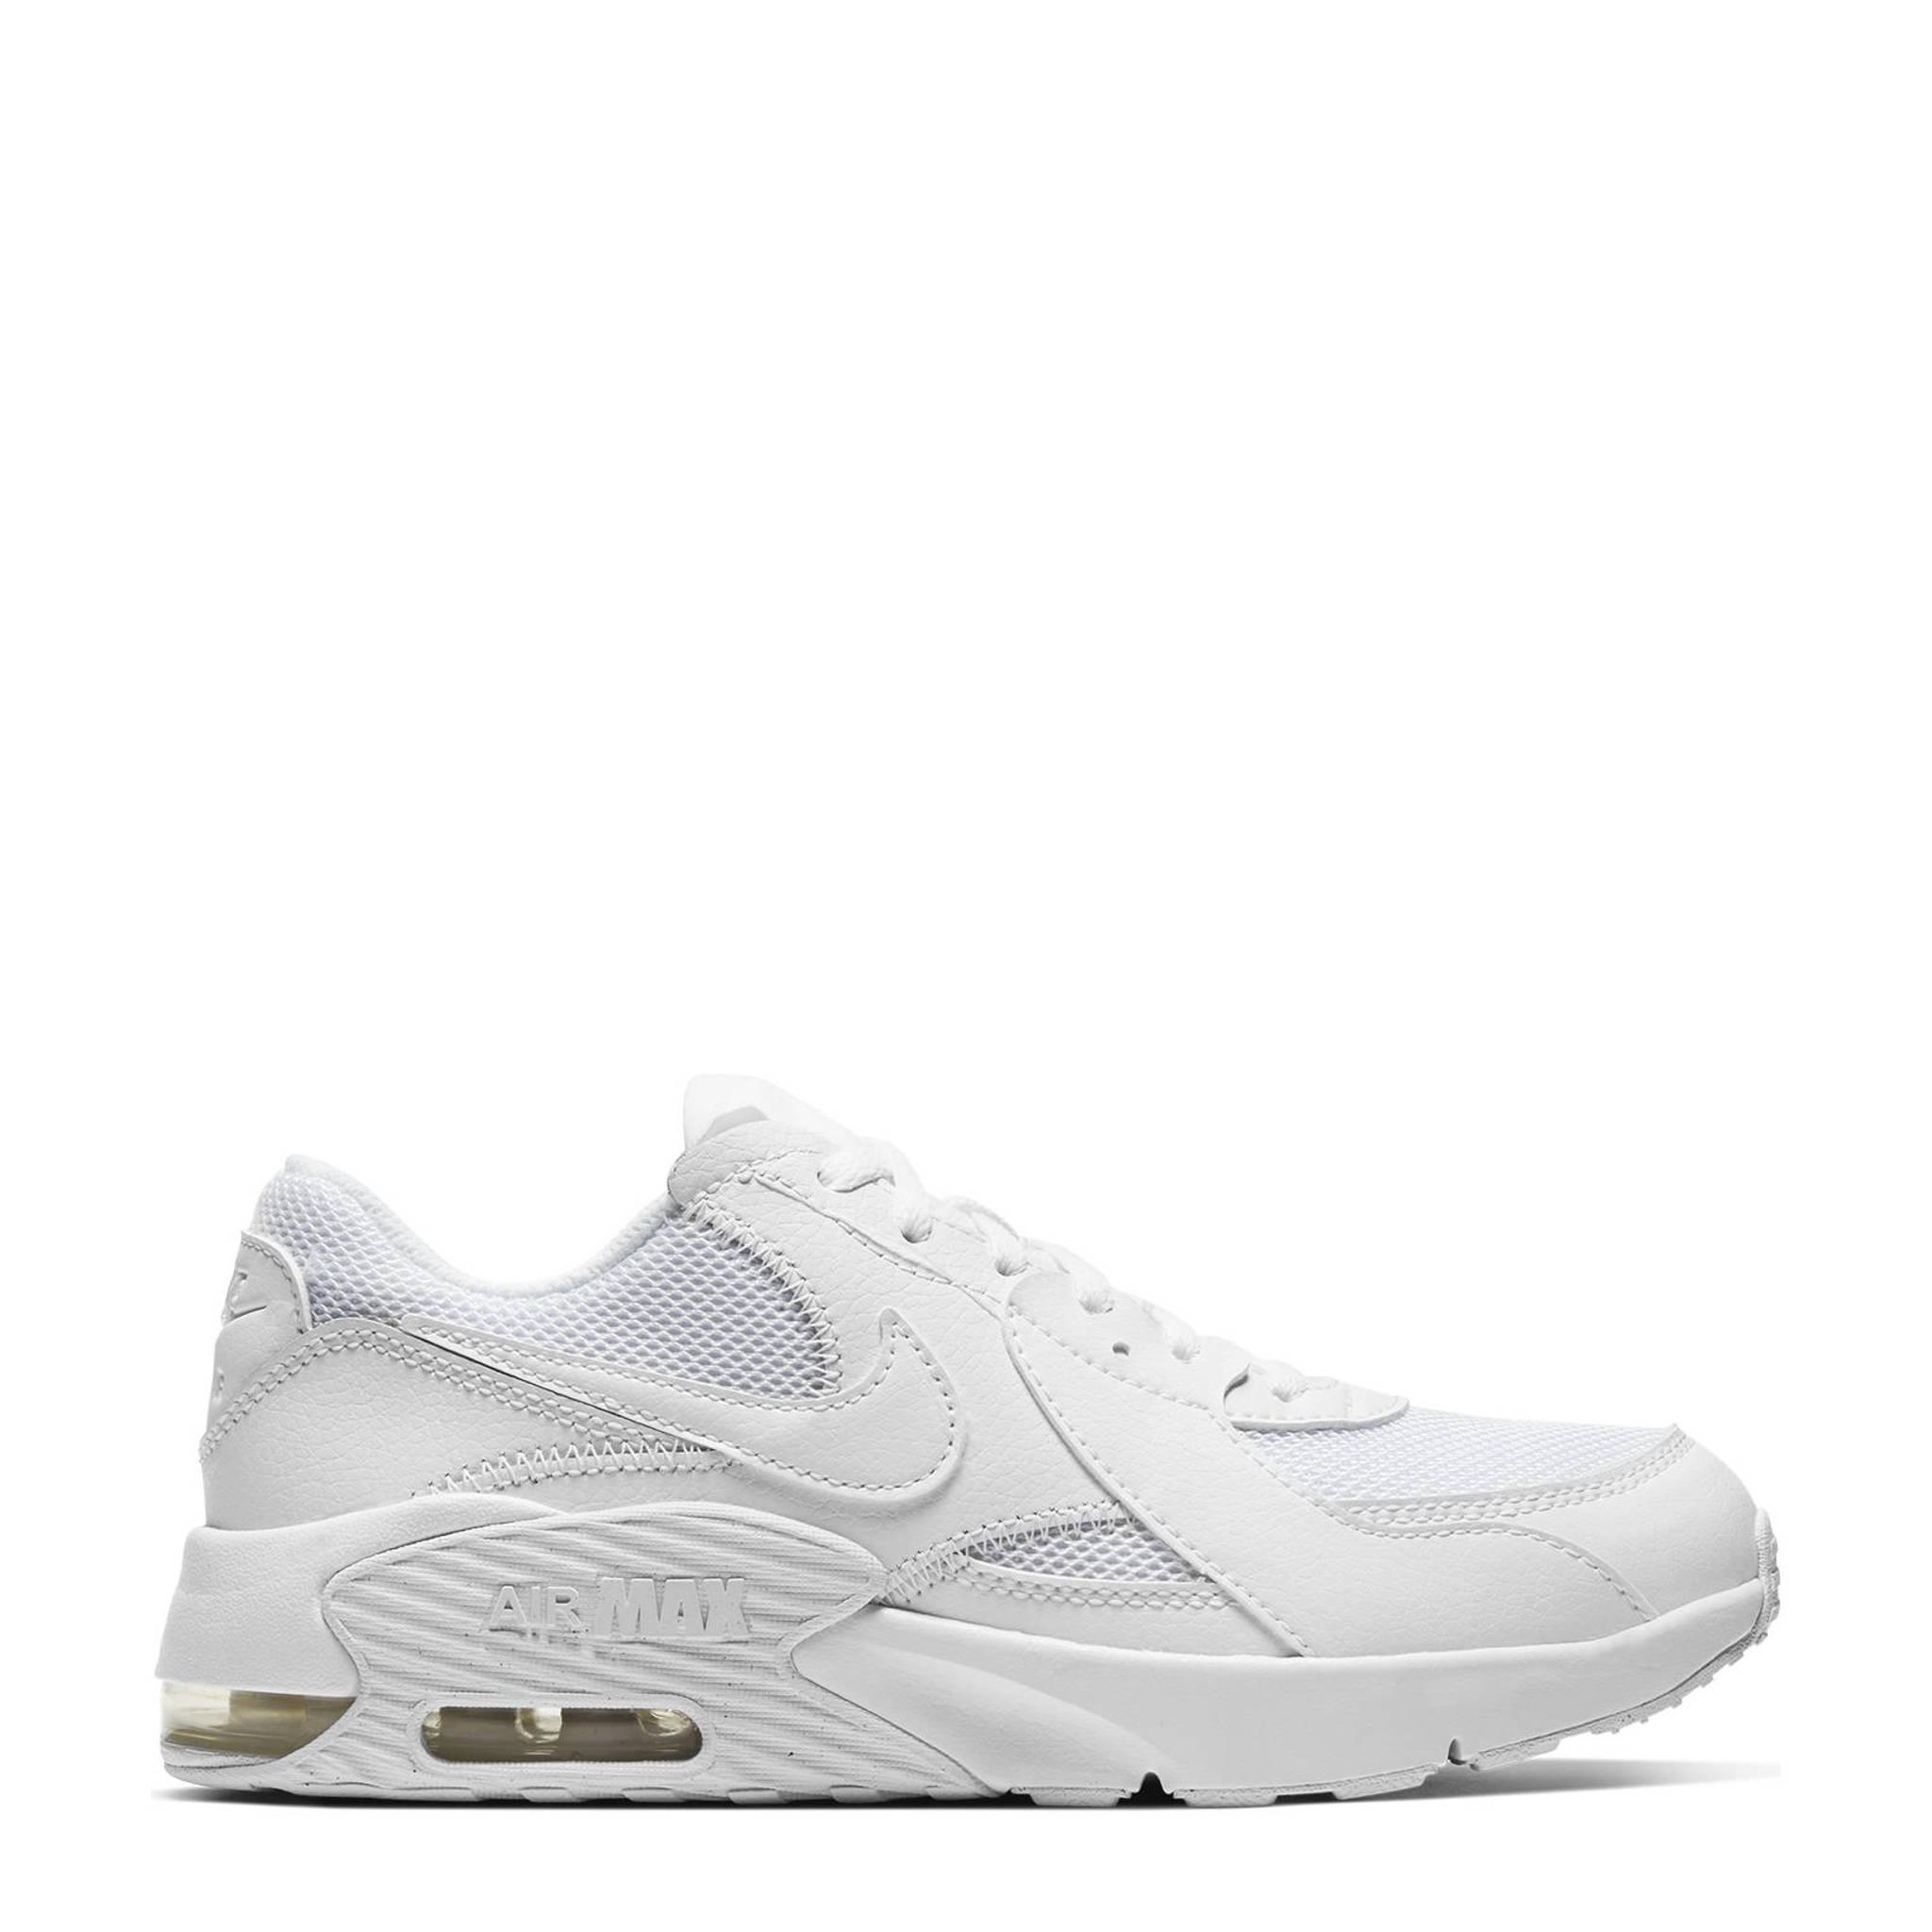 Nike Air Max wit